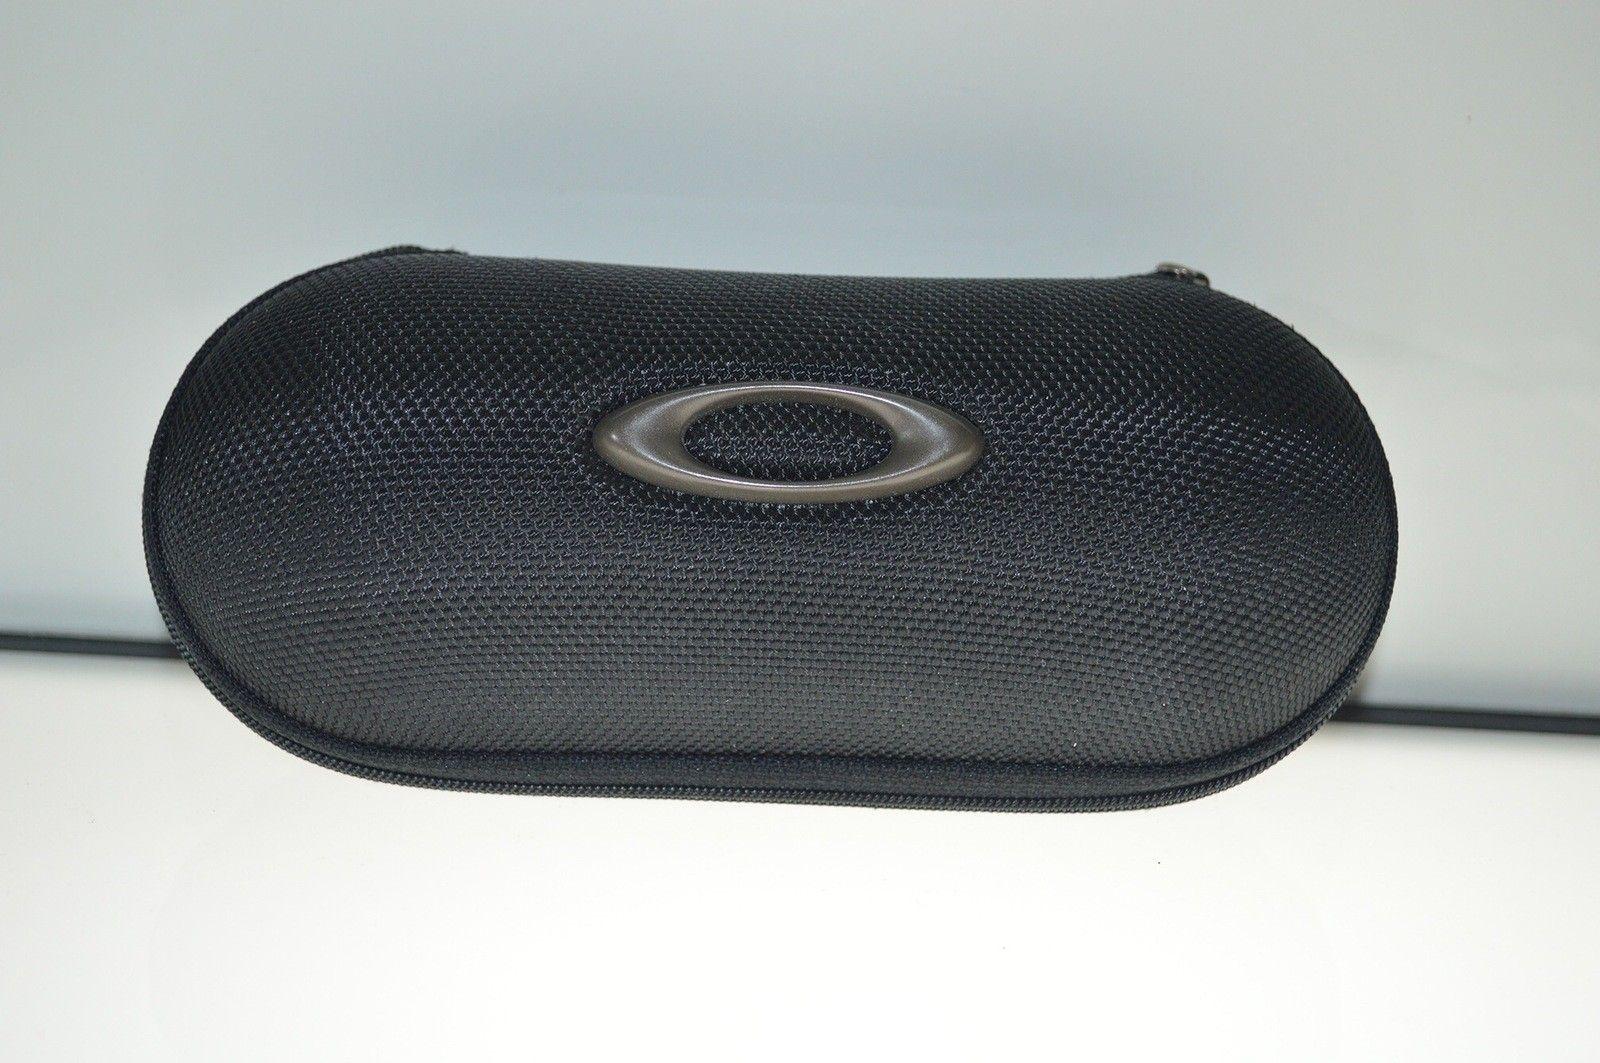 O-Black case - image.jpeg